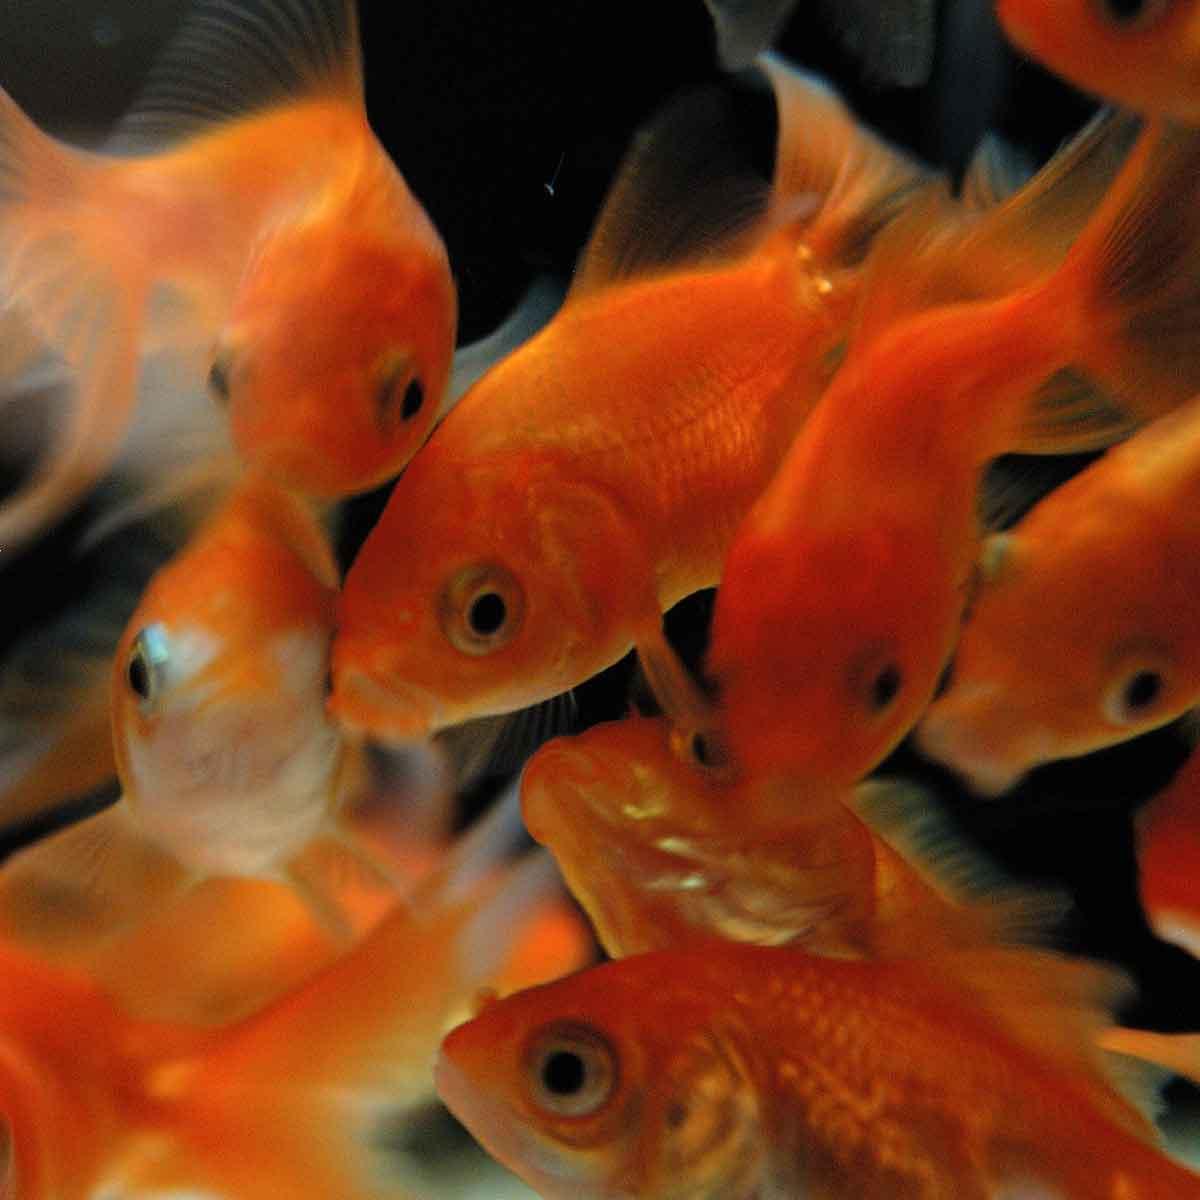 Il pesce rosso: facile gestione e poche pretese